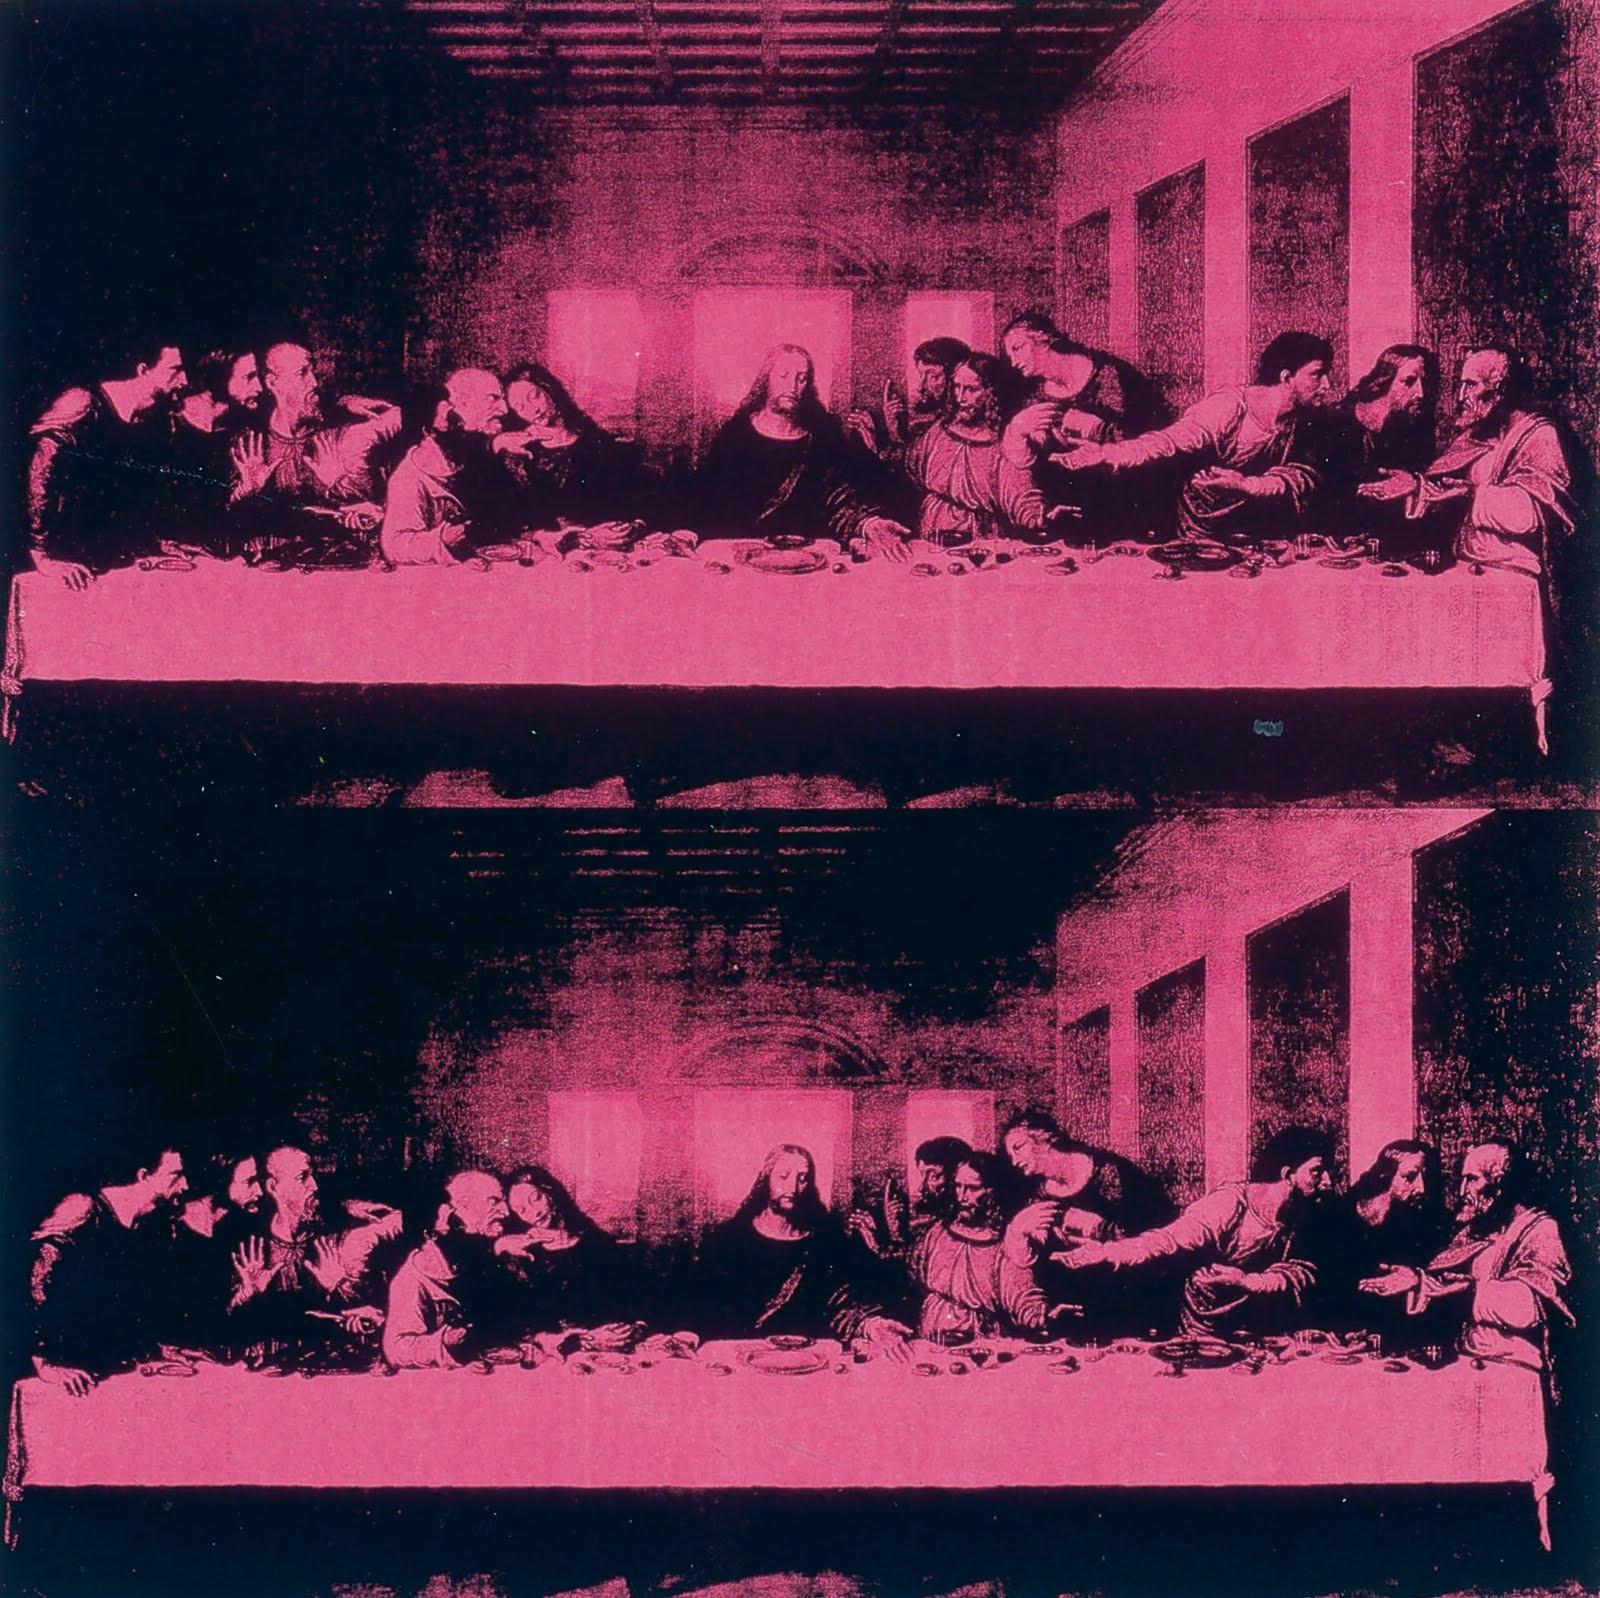 La rivoluzione è un pranzo di gala (con gli artisti)